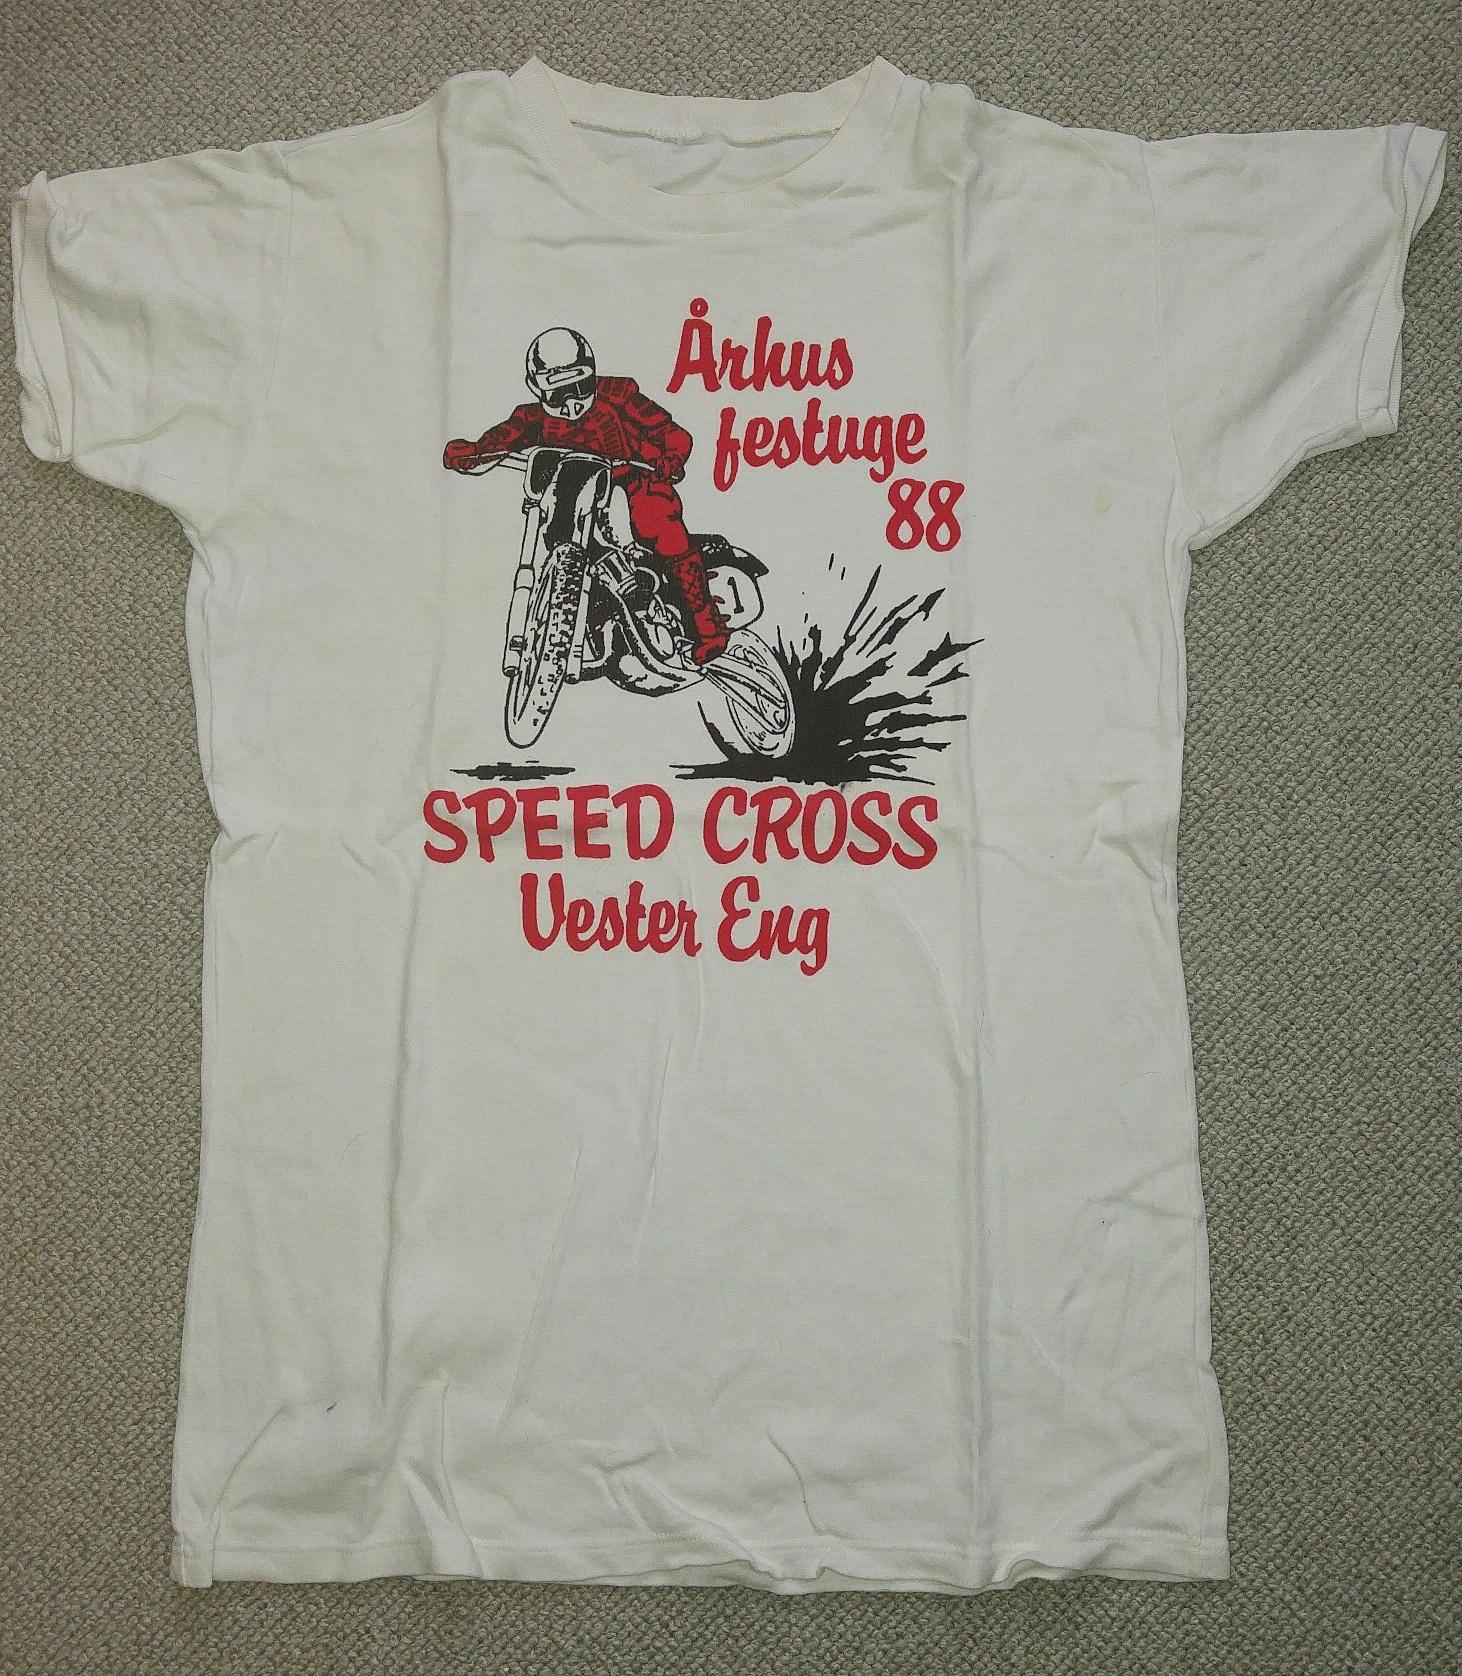 Der blev fremstillet T-shirts med logo